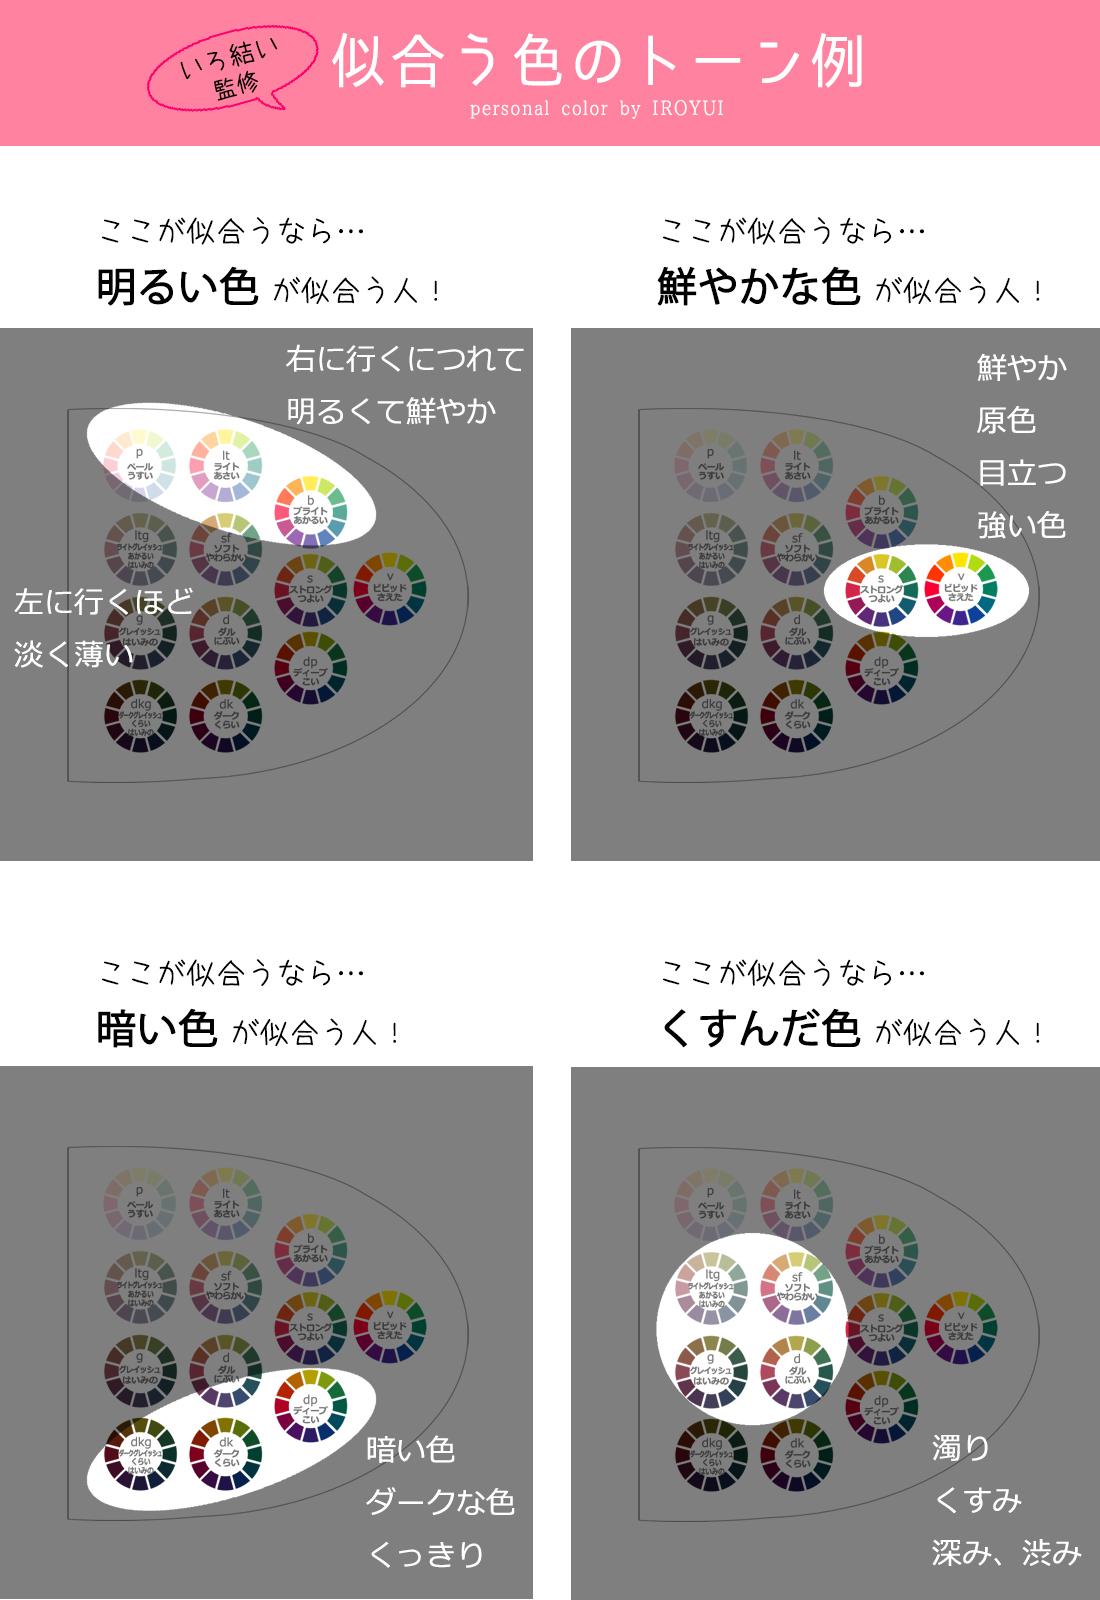 パーソナルカラー似合う色の表